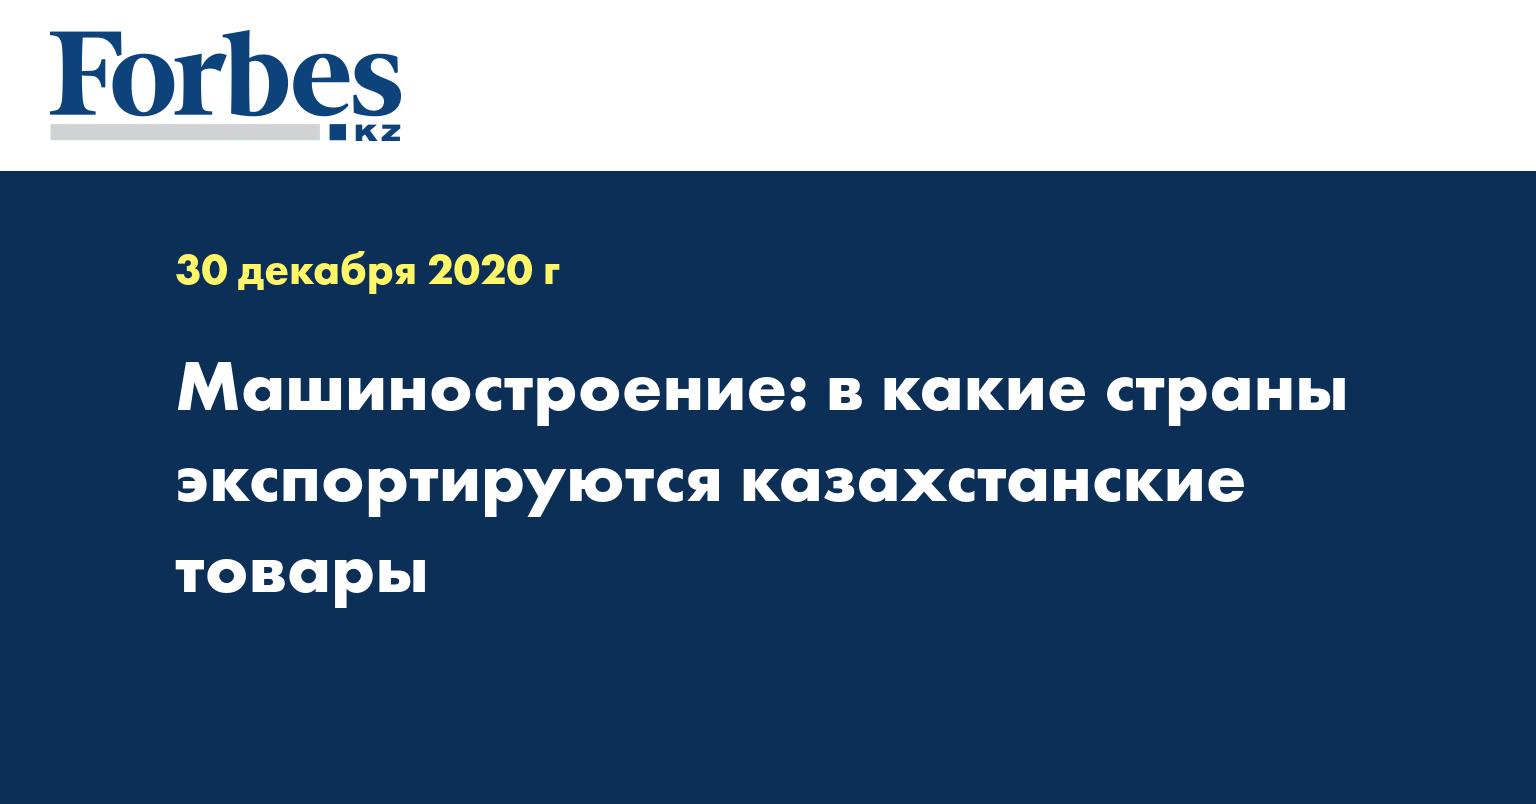 Машиностроение: в какие страны экспортируются казахстанские товары